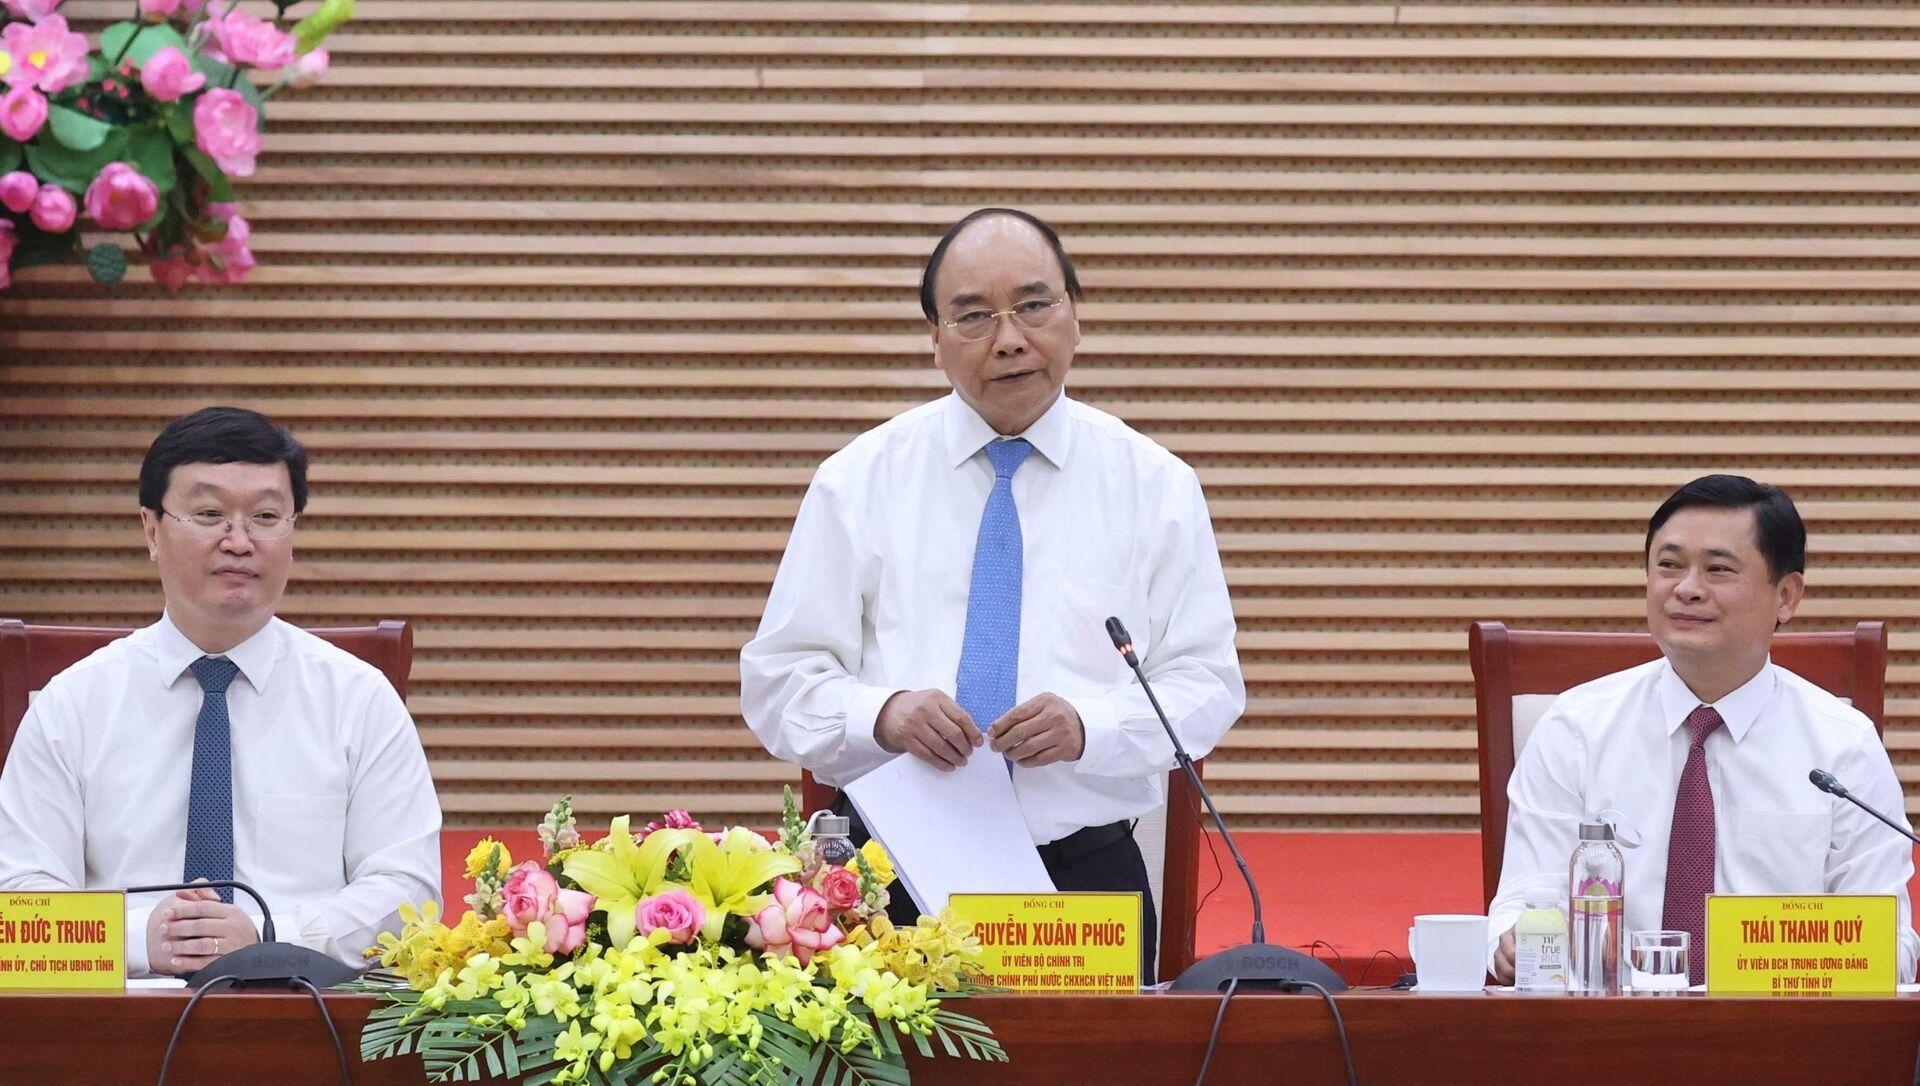 Thủ tướng Nguyễn Xuân Phúc phát biểu kết luận buổi làm việc - Sputnik Việt Nam, 1920, 14.03.2021